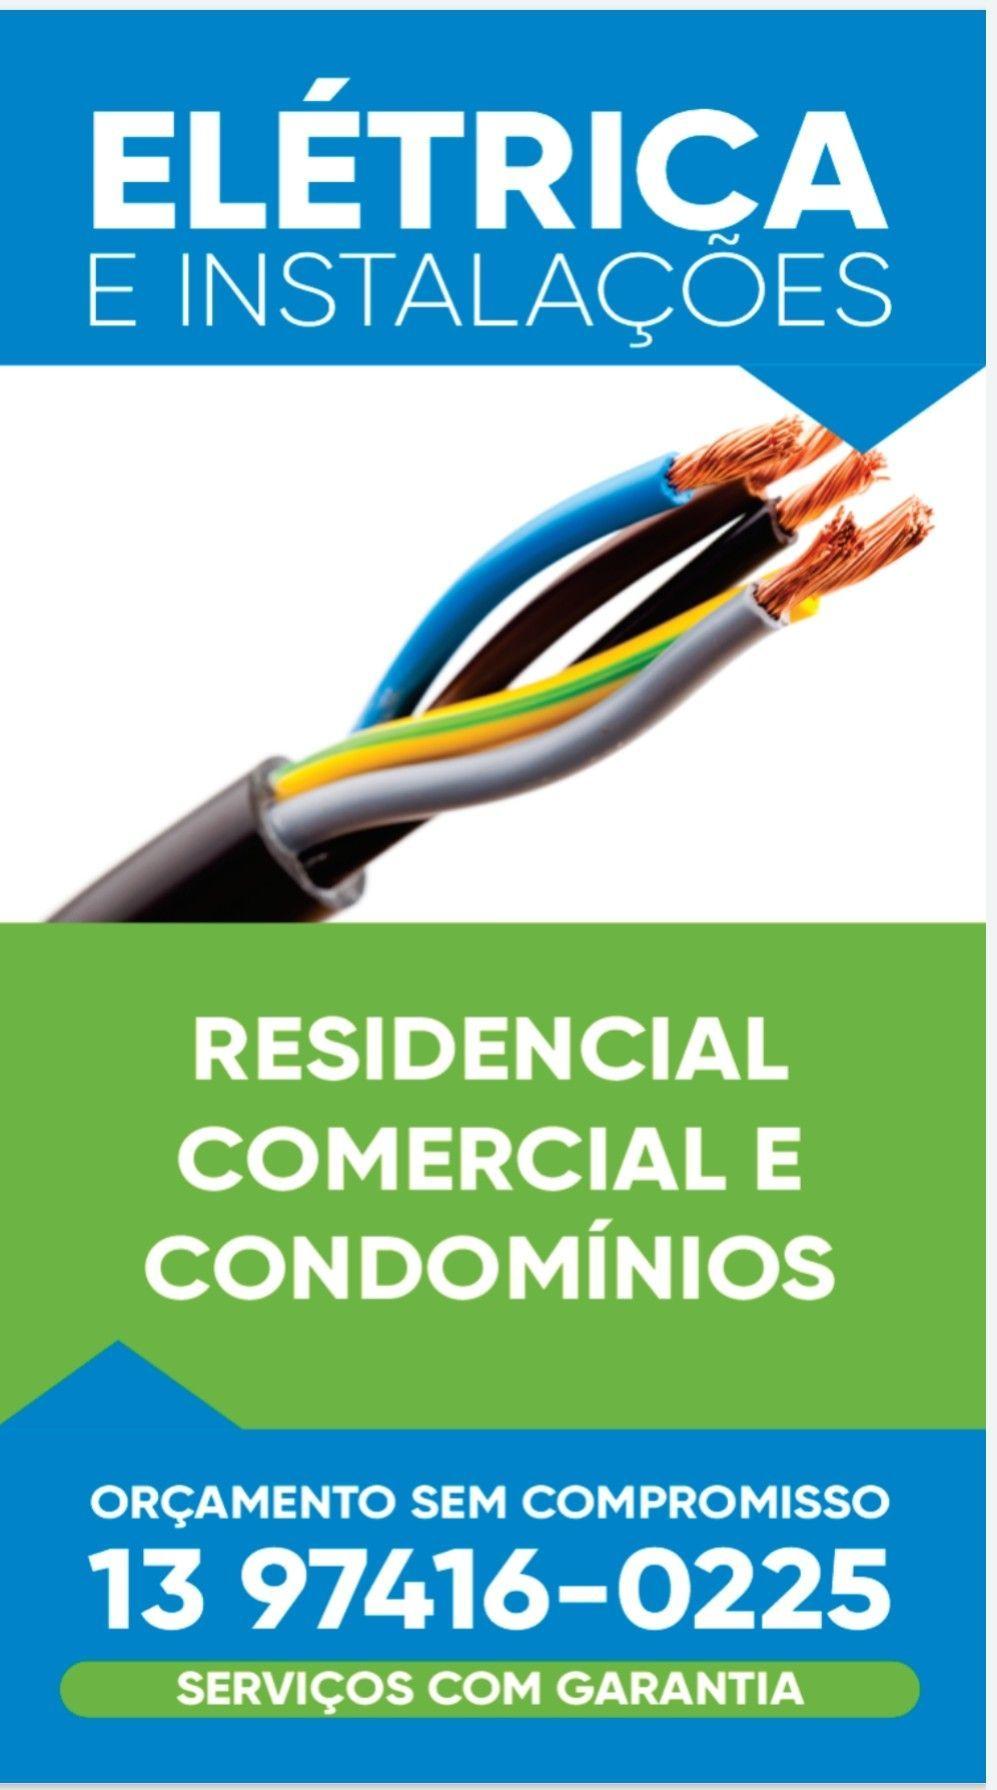 Instalações e manutenções elétricas em geral